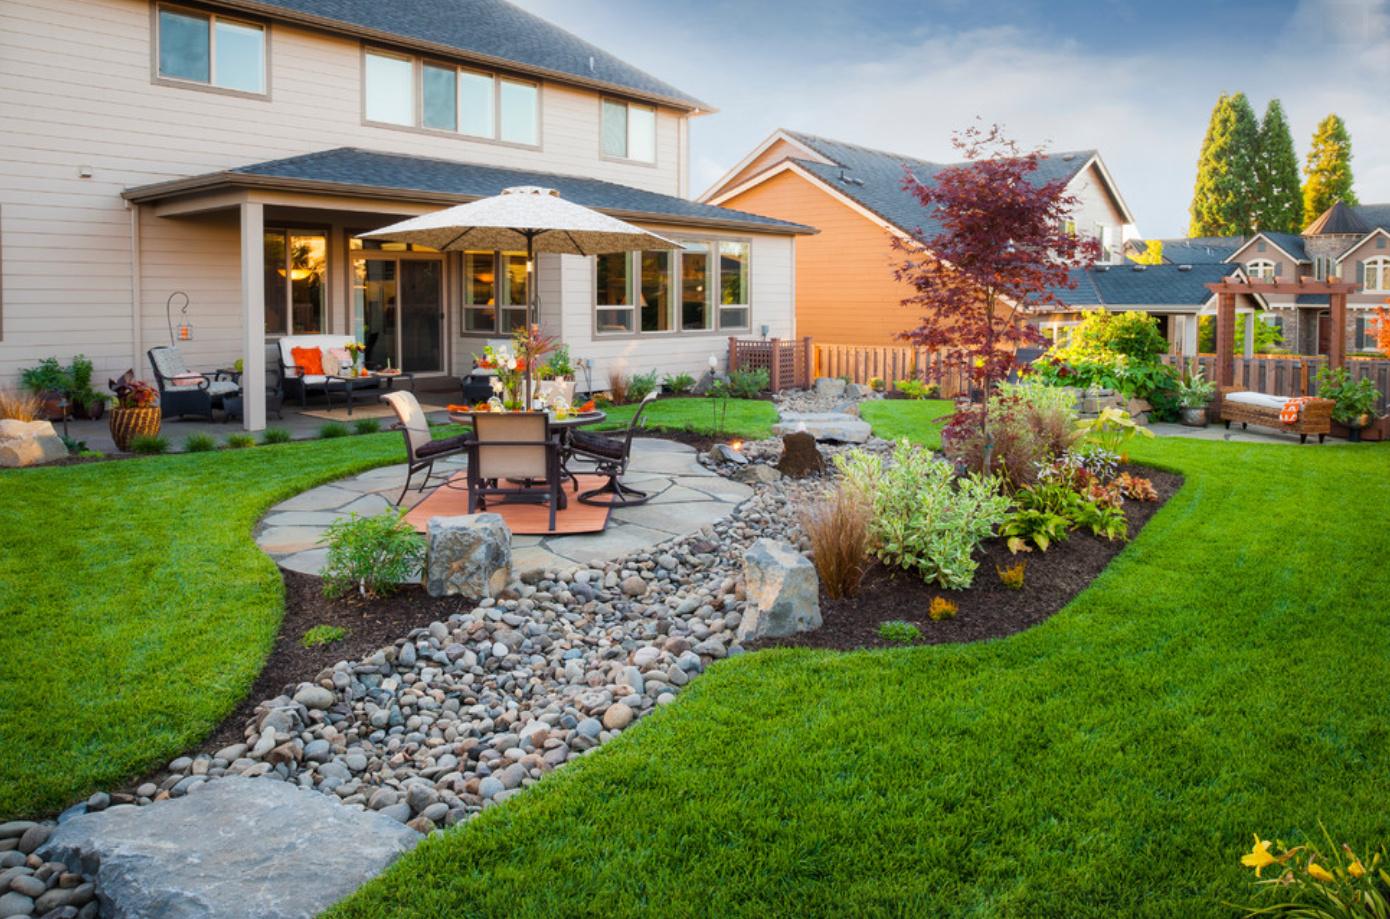 ландшафтный дизайн загородного дома фотогалерея потрібний розмір